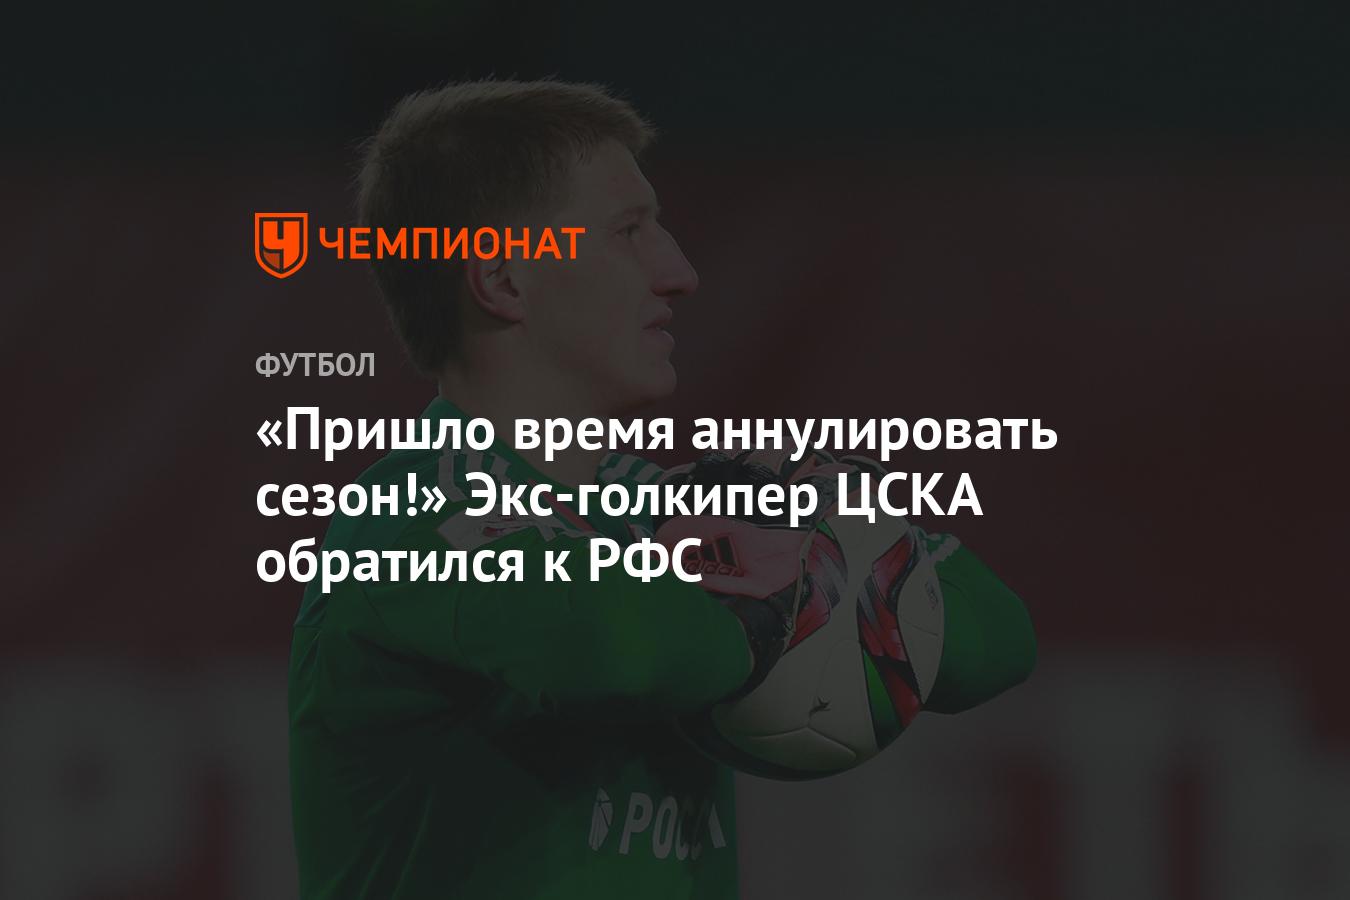 «Пришло время аннулировать сезон!» Экс-голкипер ЦСКА обратился к РФС - Чемпионат